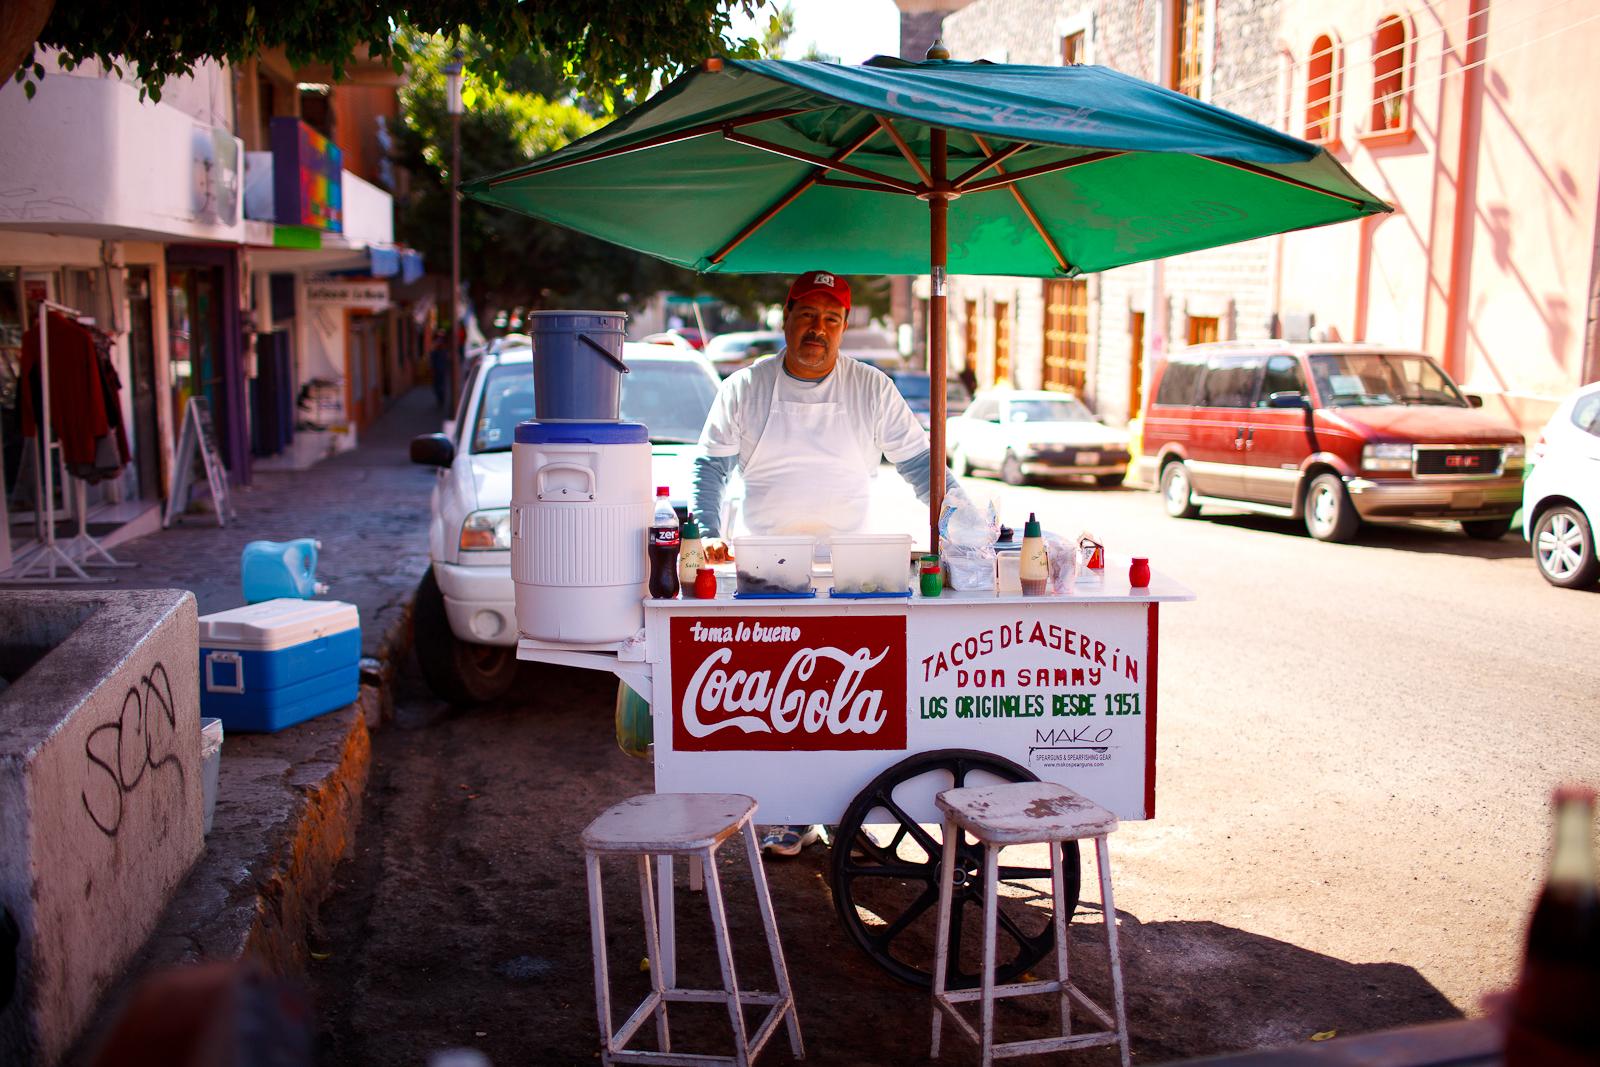 Tacos de aserrín Don Sammy, Los Originales desde 1951